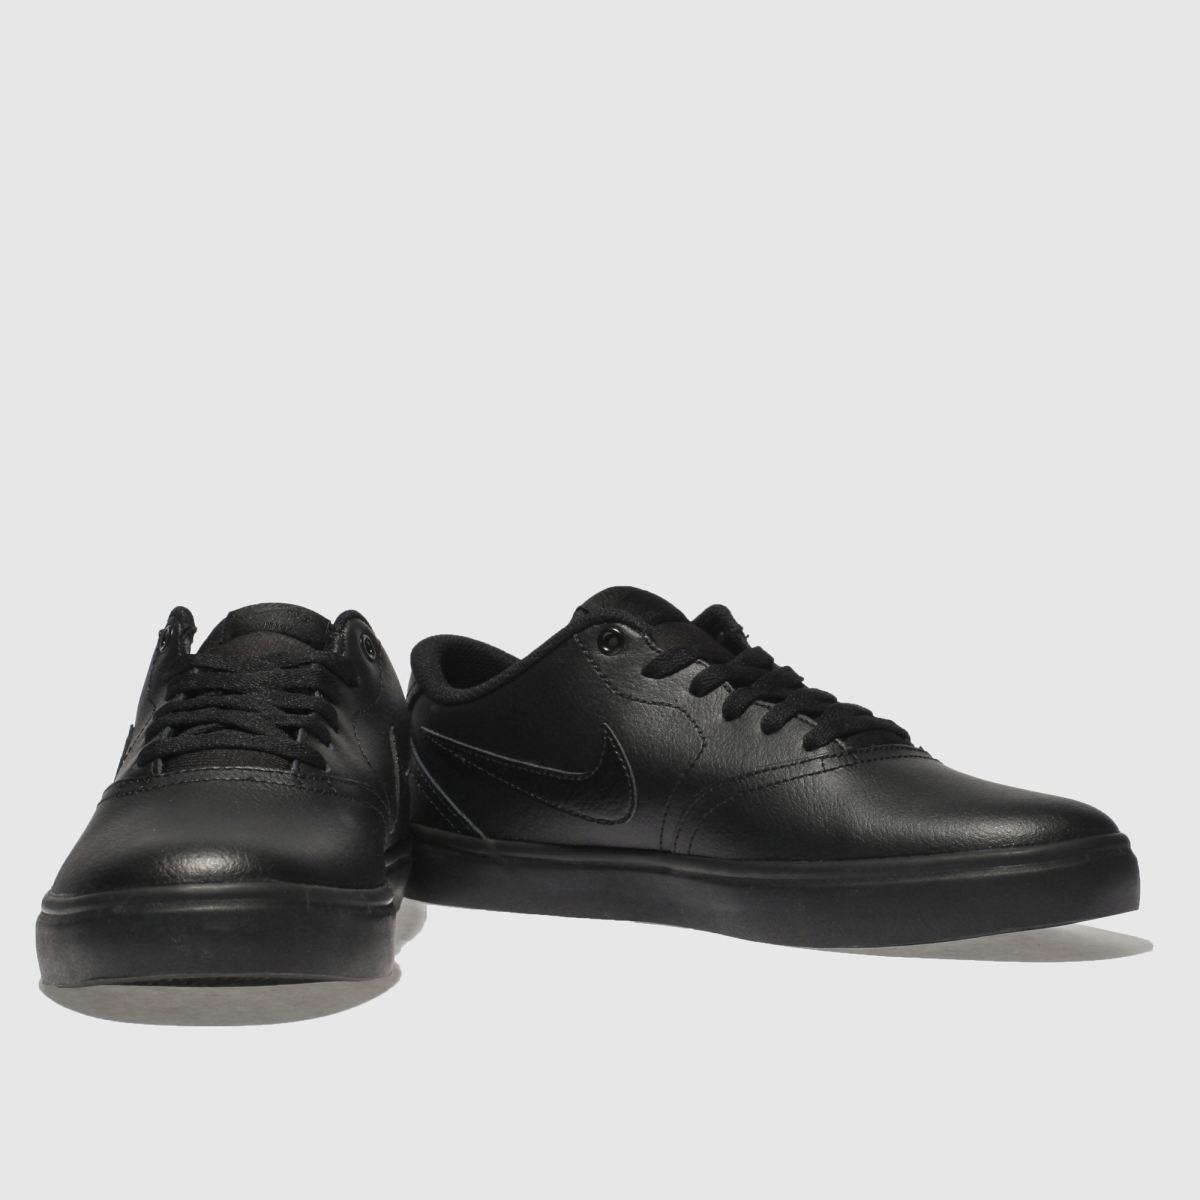 Herren Schwarz Sneaker nike sb Check Solarsoft Sneaker Schwarz | schuh Gute Qualität beliebte Schuhe 1ebbd7